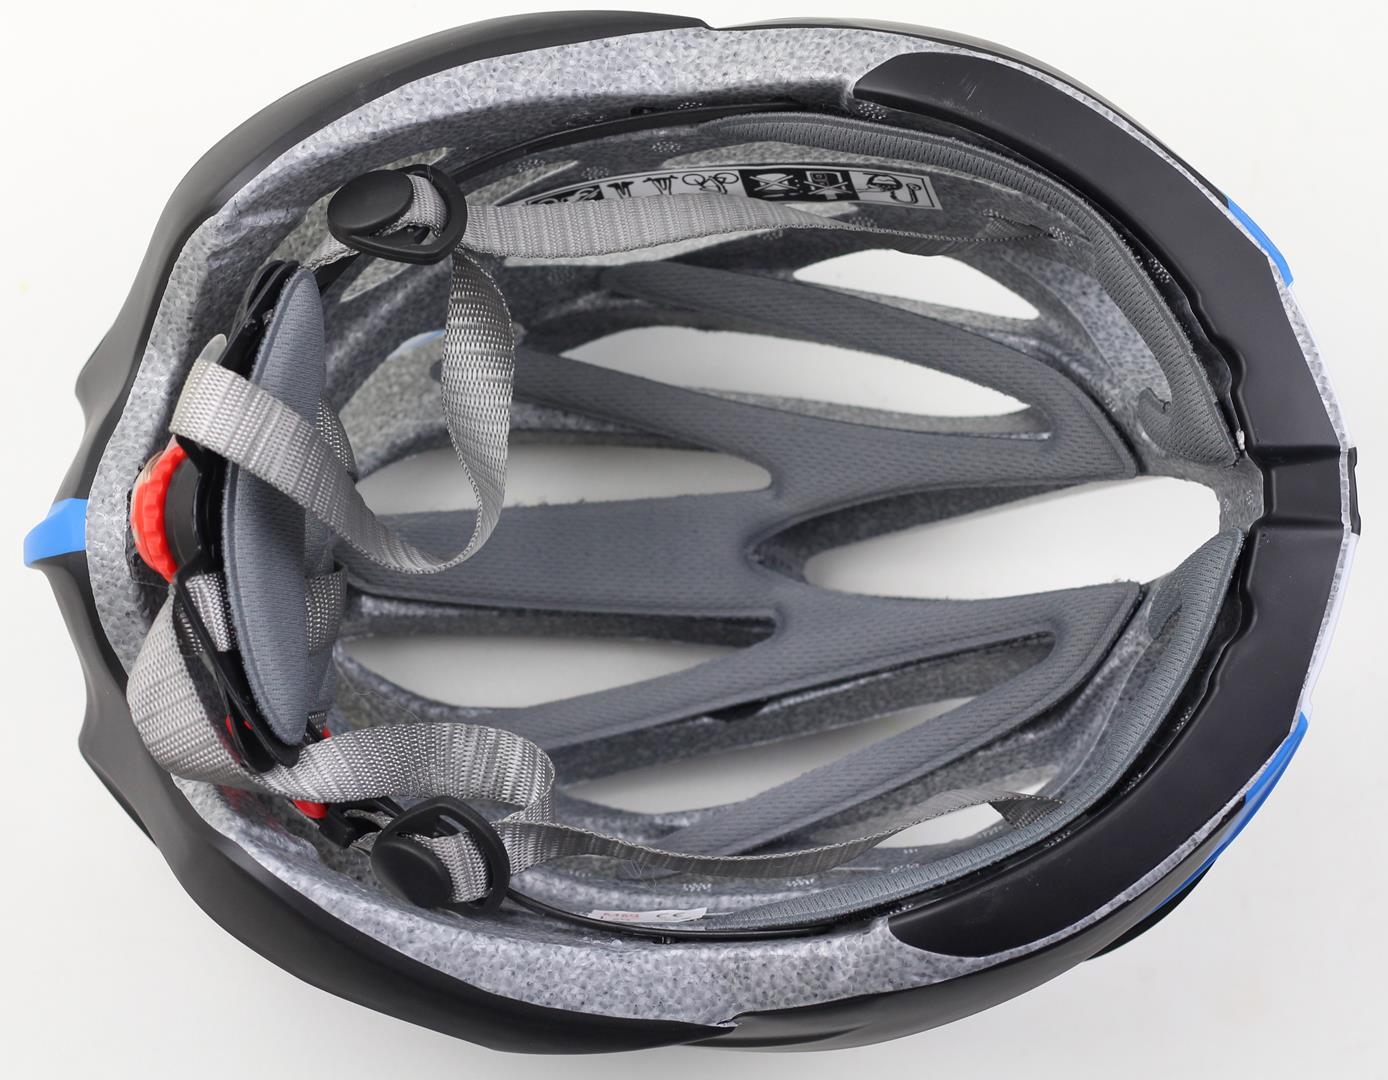 Capacete Bicicleta Argon TA-18 Tamanho G 57-62cm Speed ou MTB com LED Cor Preto com Azul